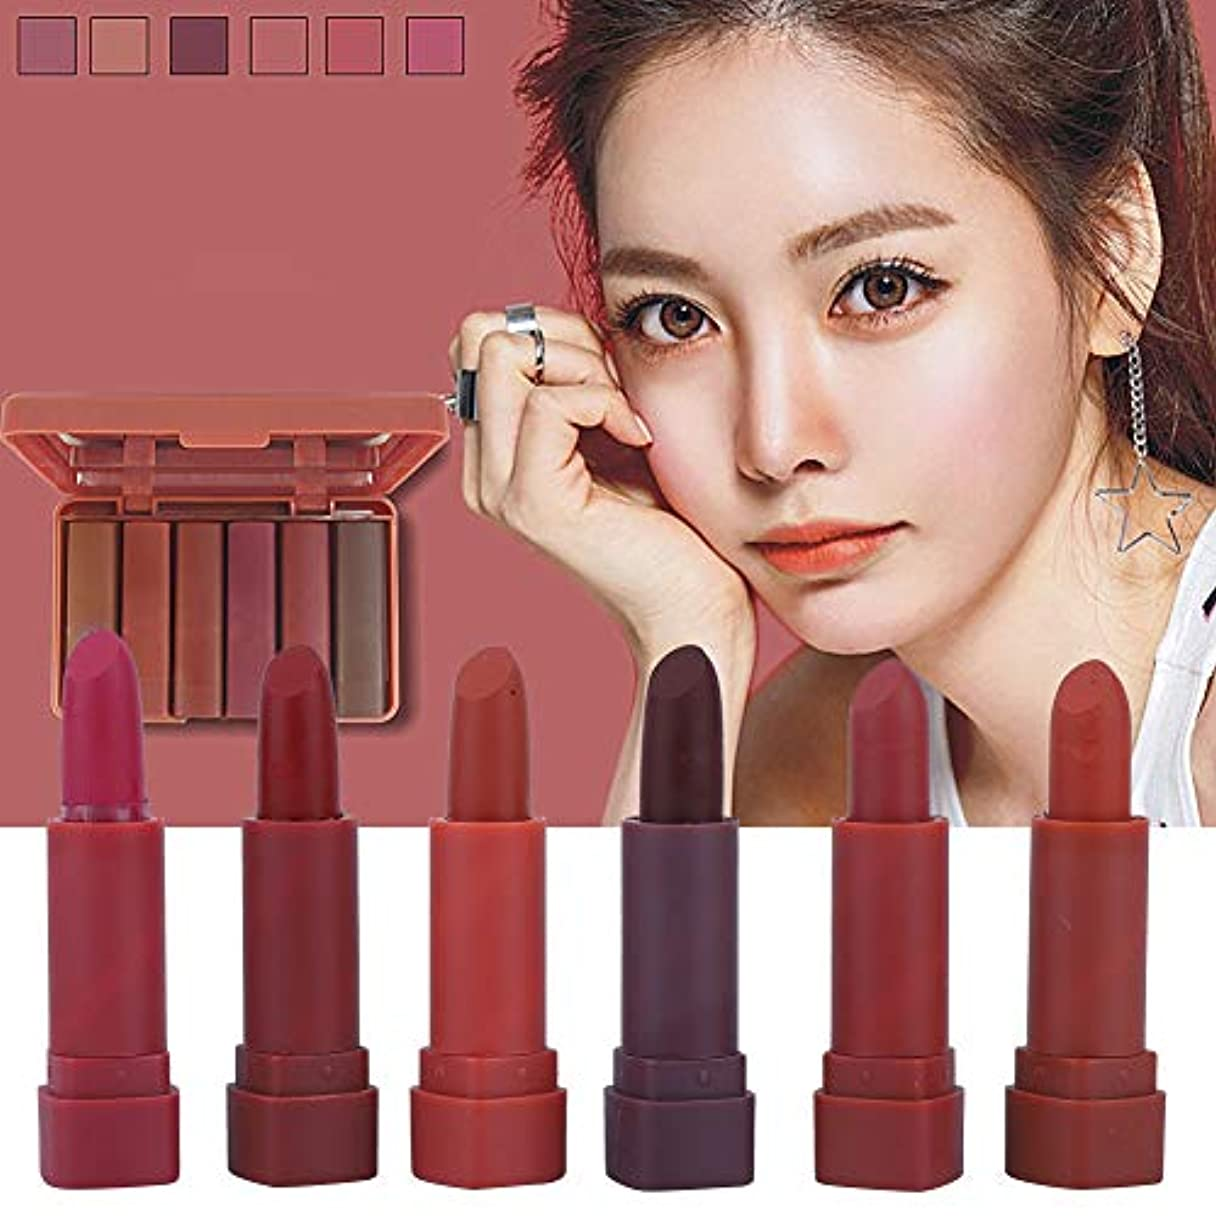 思いつく煙相反する6色/セット リップスティック長続きがする自然なローズの香りの唇の化粧品